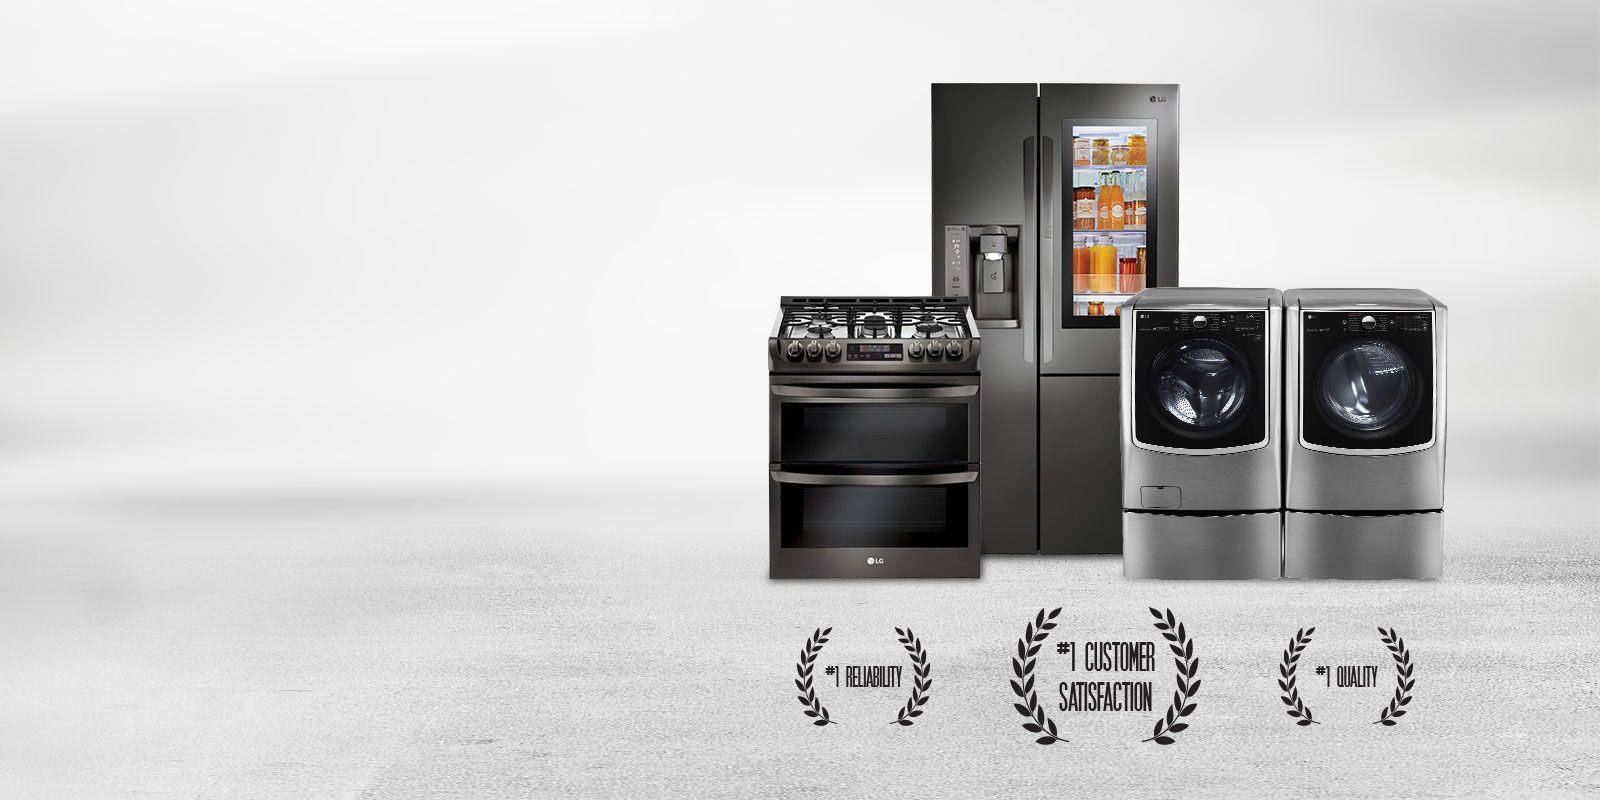 Lit 1 Place Et Demi Frais Lg Mobile Devices Home Entertainment & Appliances